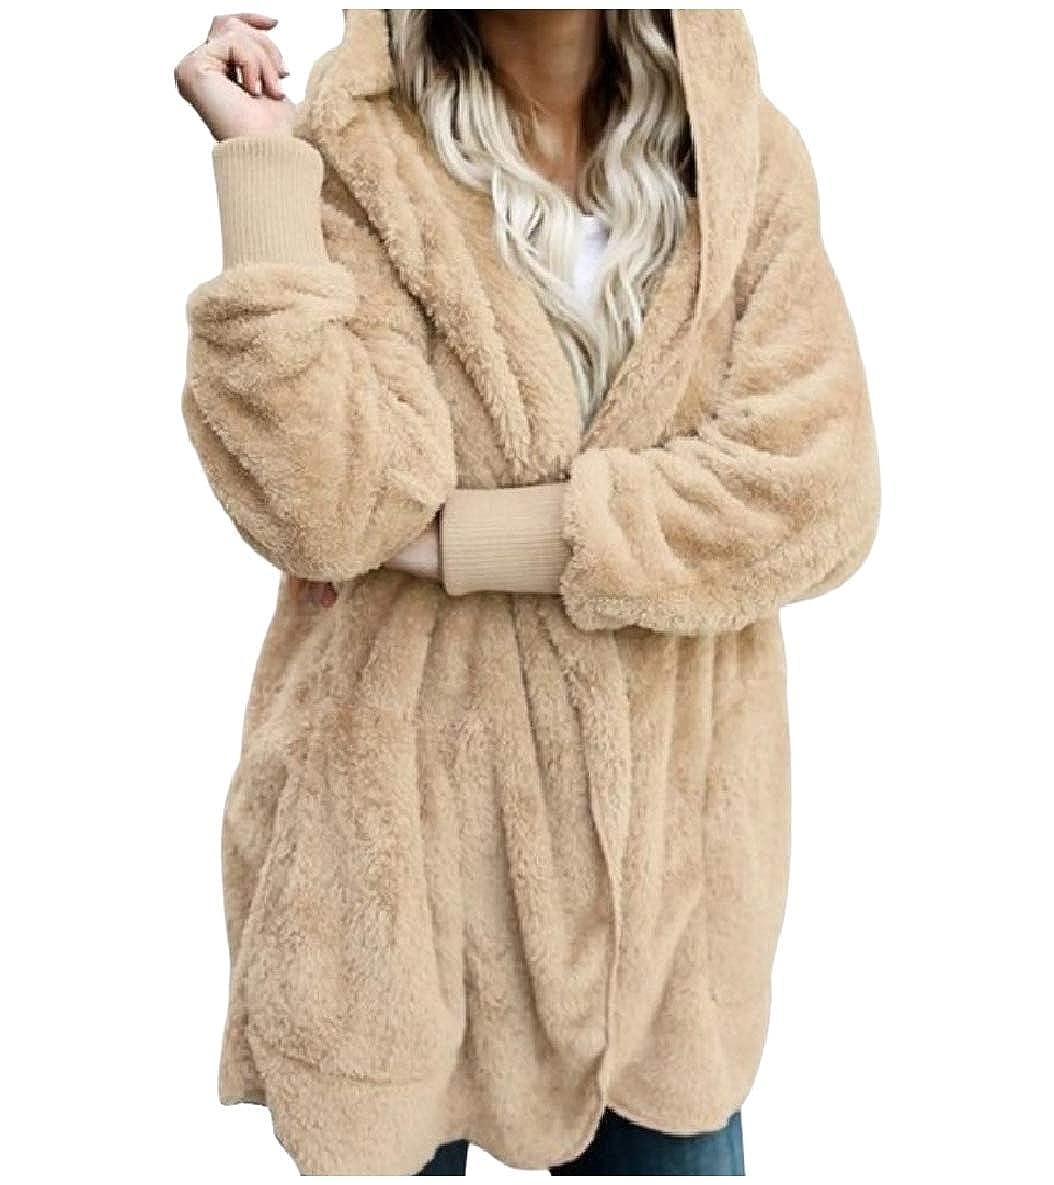 Tryist Womens Mid-Long Warm Fluffy Casual Loose Faux Fur Coat Jacket Outwear